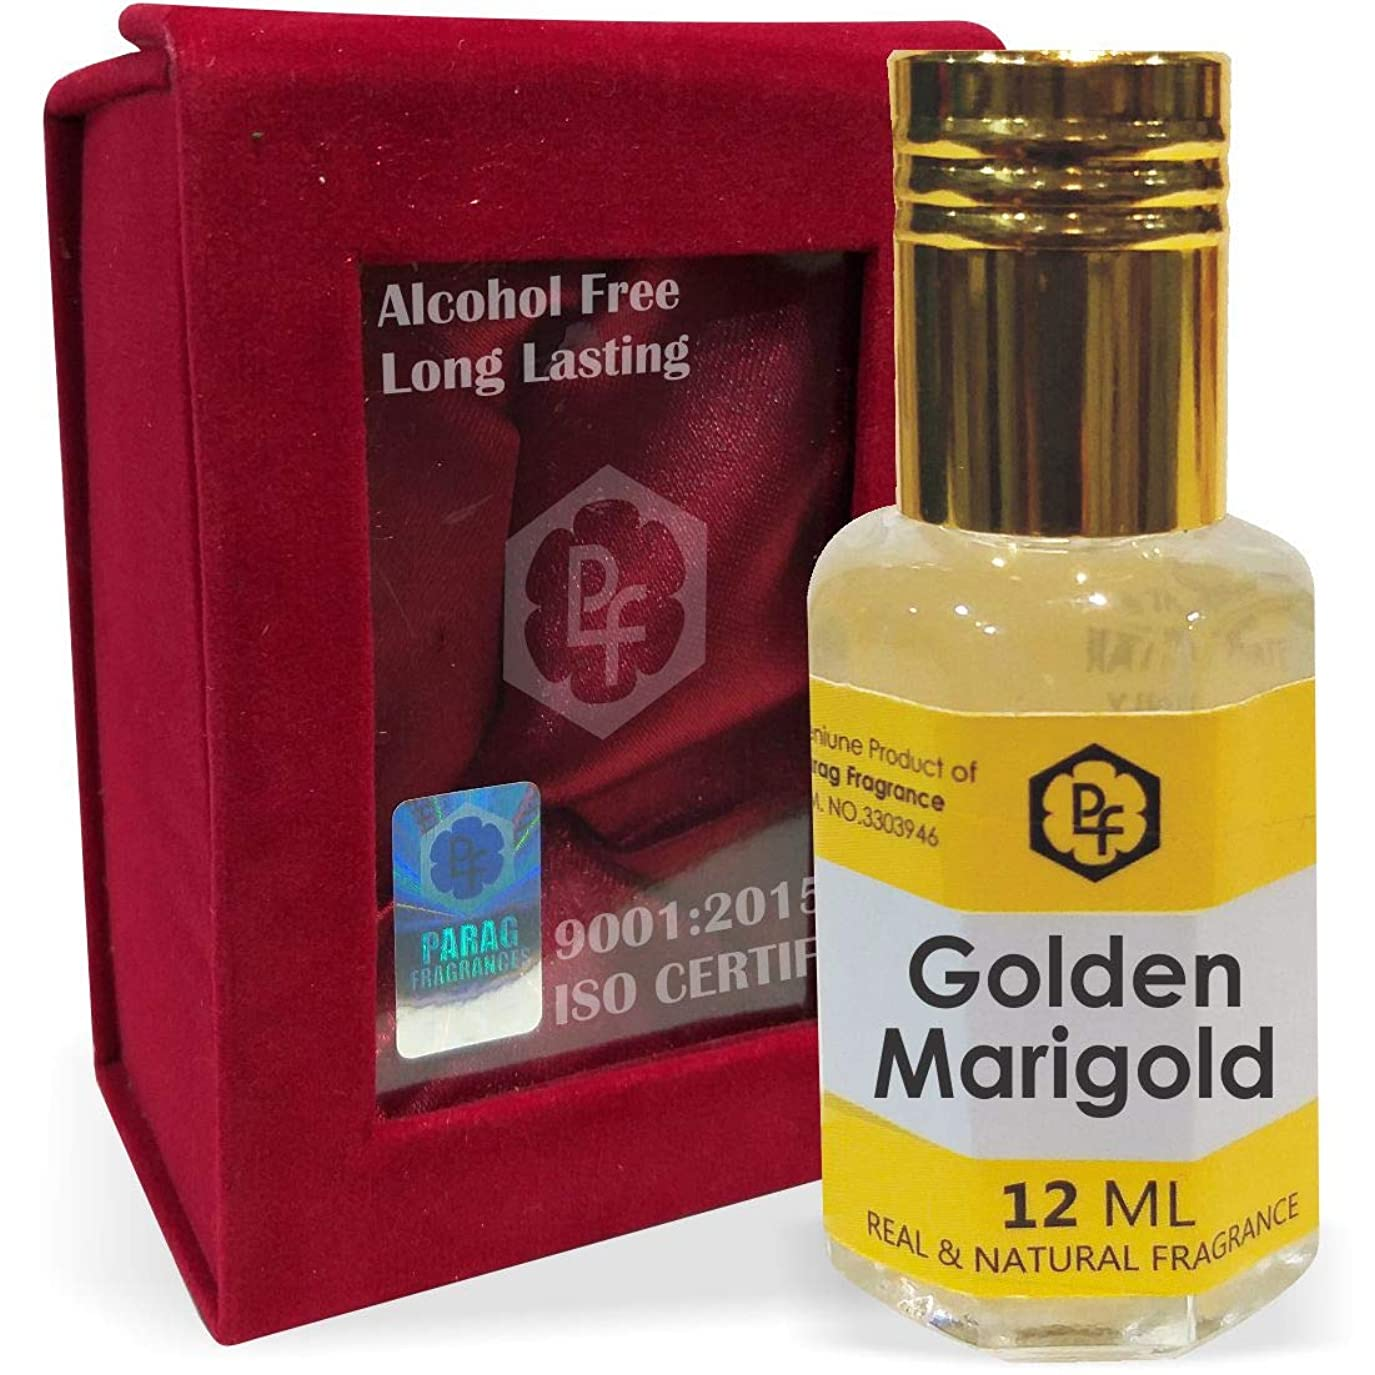 たらいピニオンメールを書く手作りのベルベットボックスParagフレグランスゴールデンマリーゴールド12ミリリットル(インドの伝統的なインドのBhapkaプロセス方法製)アター/香油/フレグランスオイル|長持ちアターITRA最高の品質